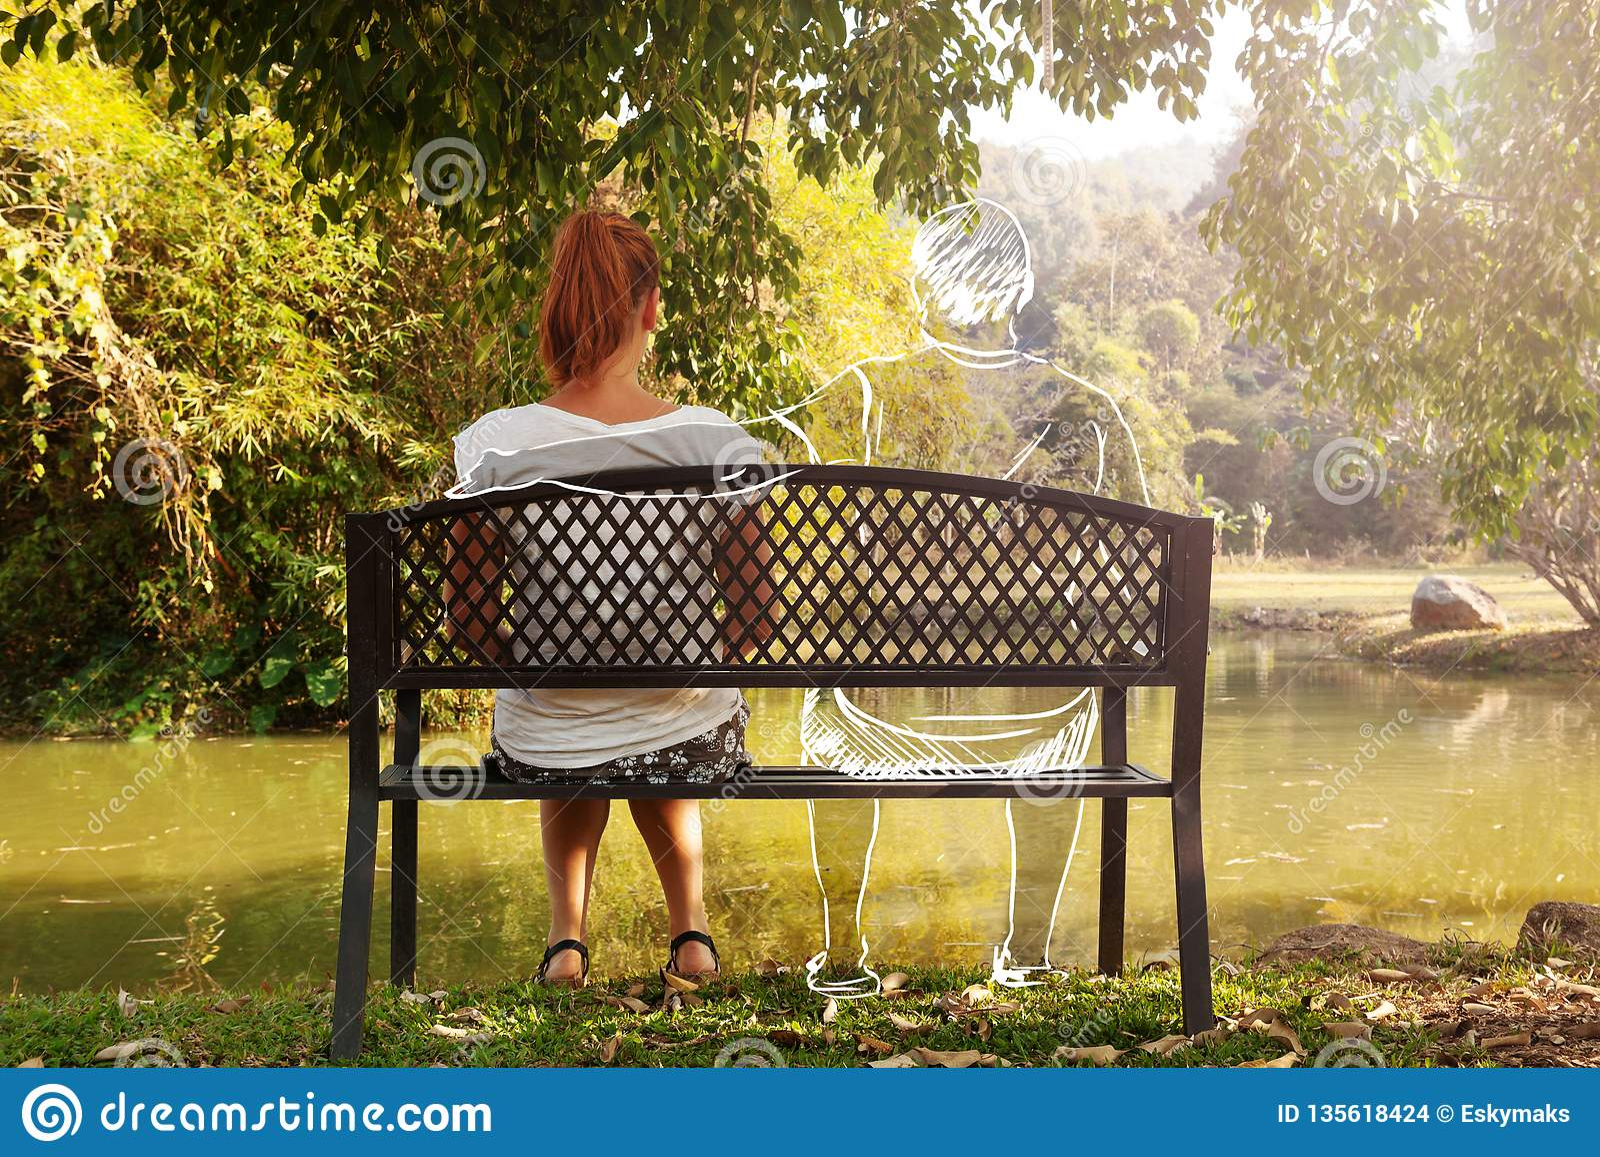 Καταθλιπτική και λυπημένη νέα συνεδρίαση γυναικών μόνο στον πάγκο στο πάρκο